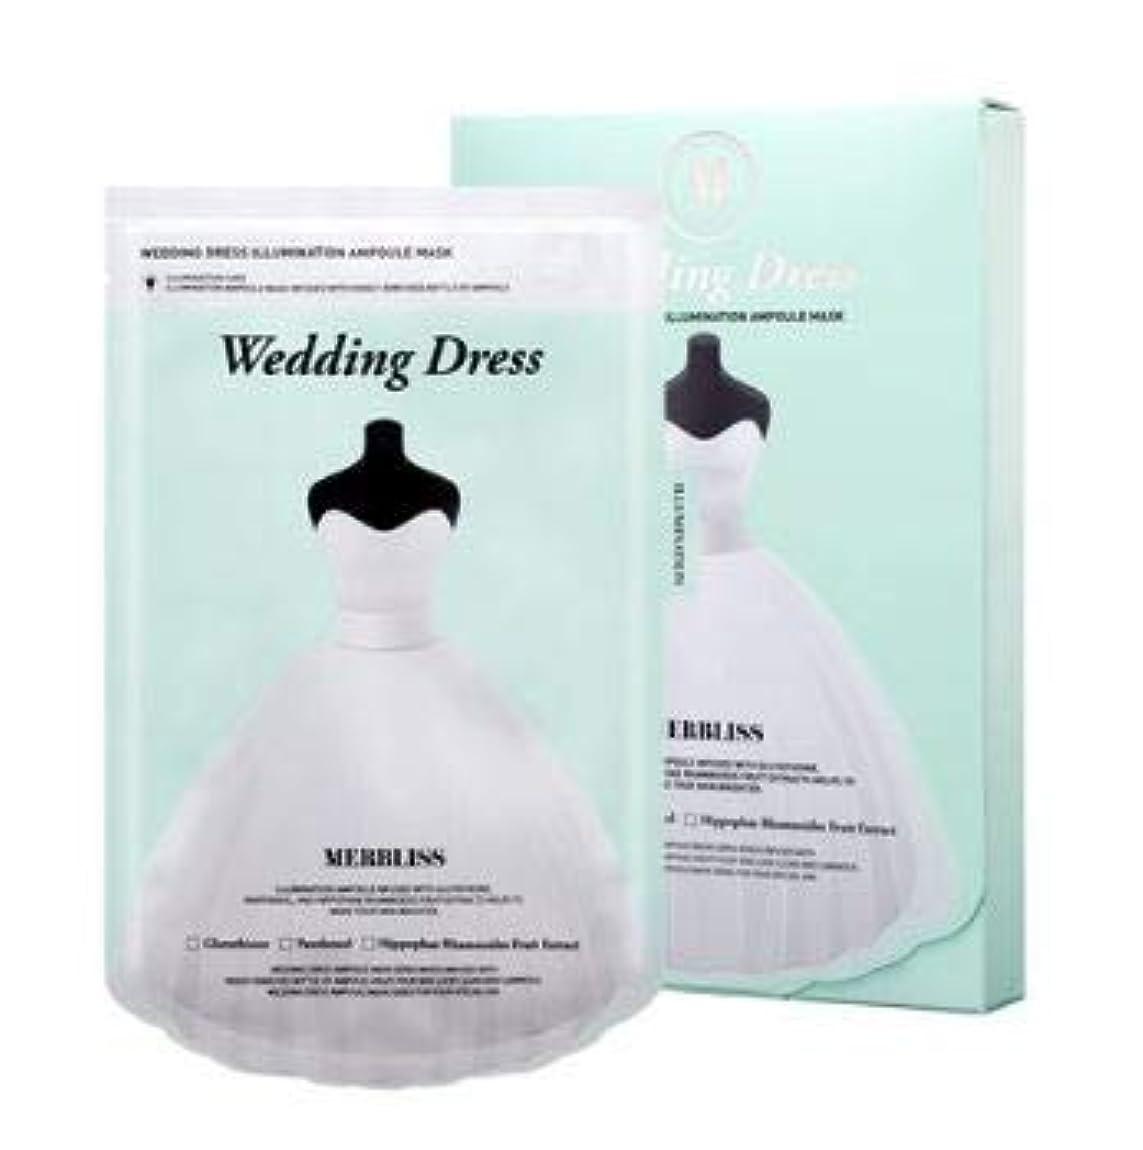 毒薬理学砦[Merbliss] Wedding Dress Illumination Ampoule Mask 25gx5ea /ウェディングドレスイルミネーションアンプルマスク25gx5枚 [並行輸入品]